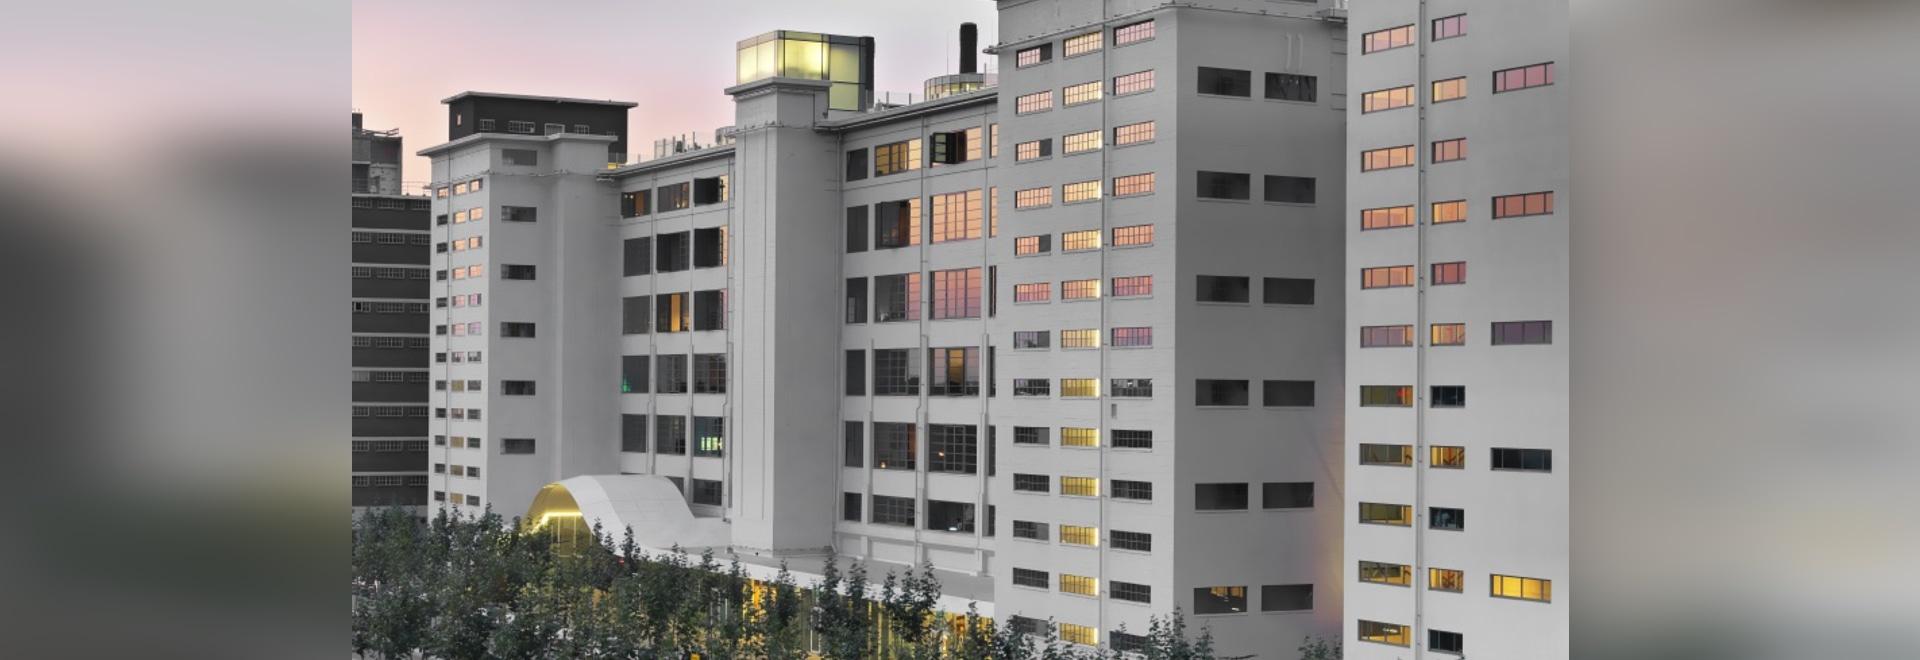 Strijp-S: edificio ANTÓN